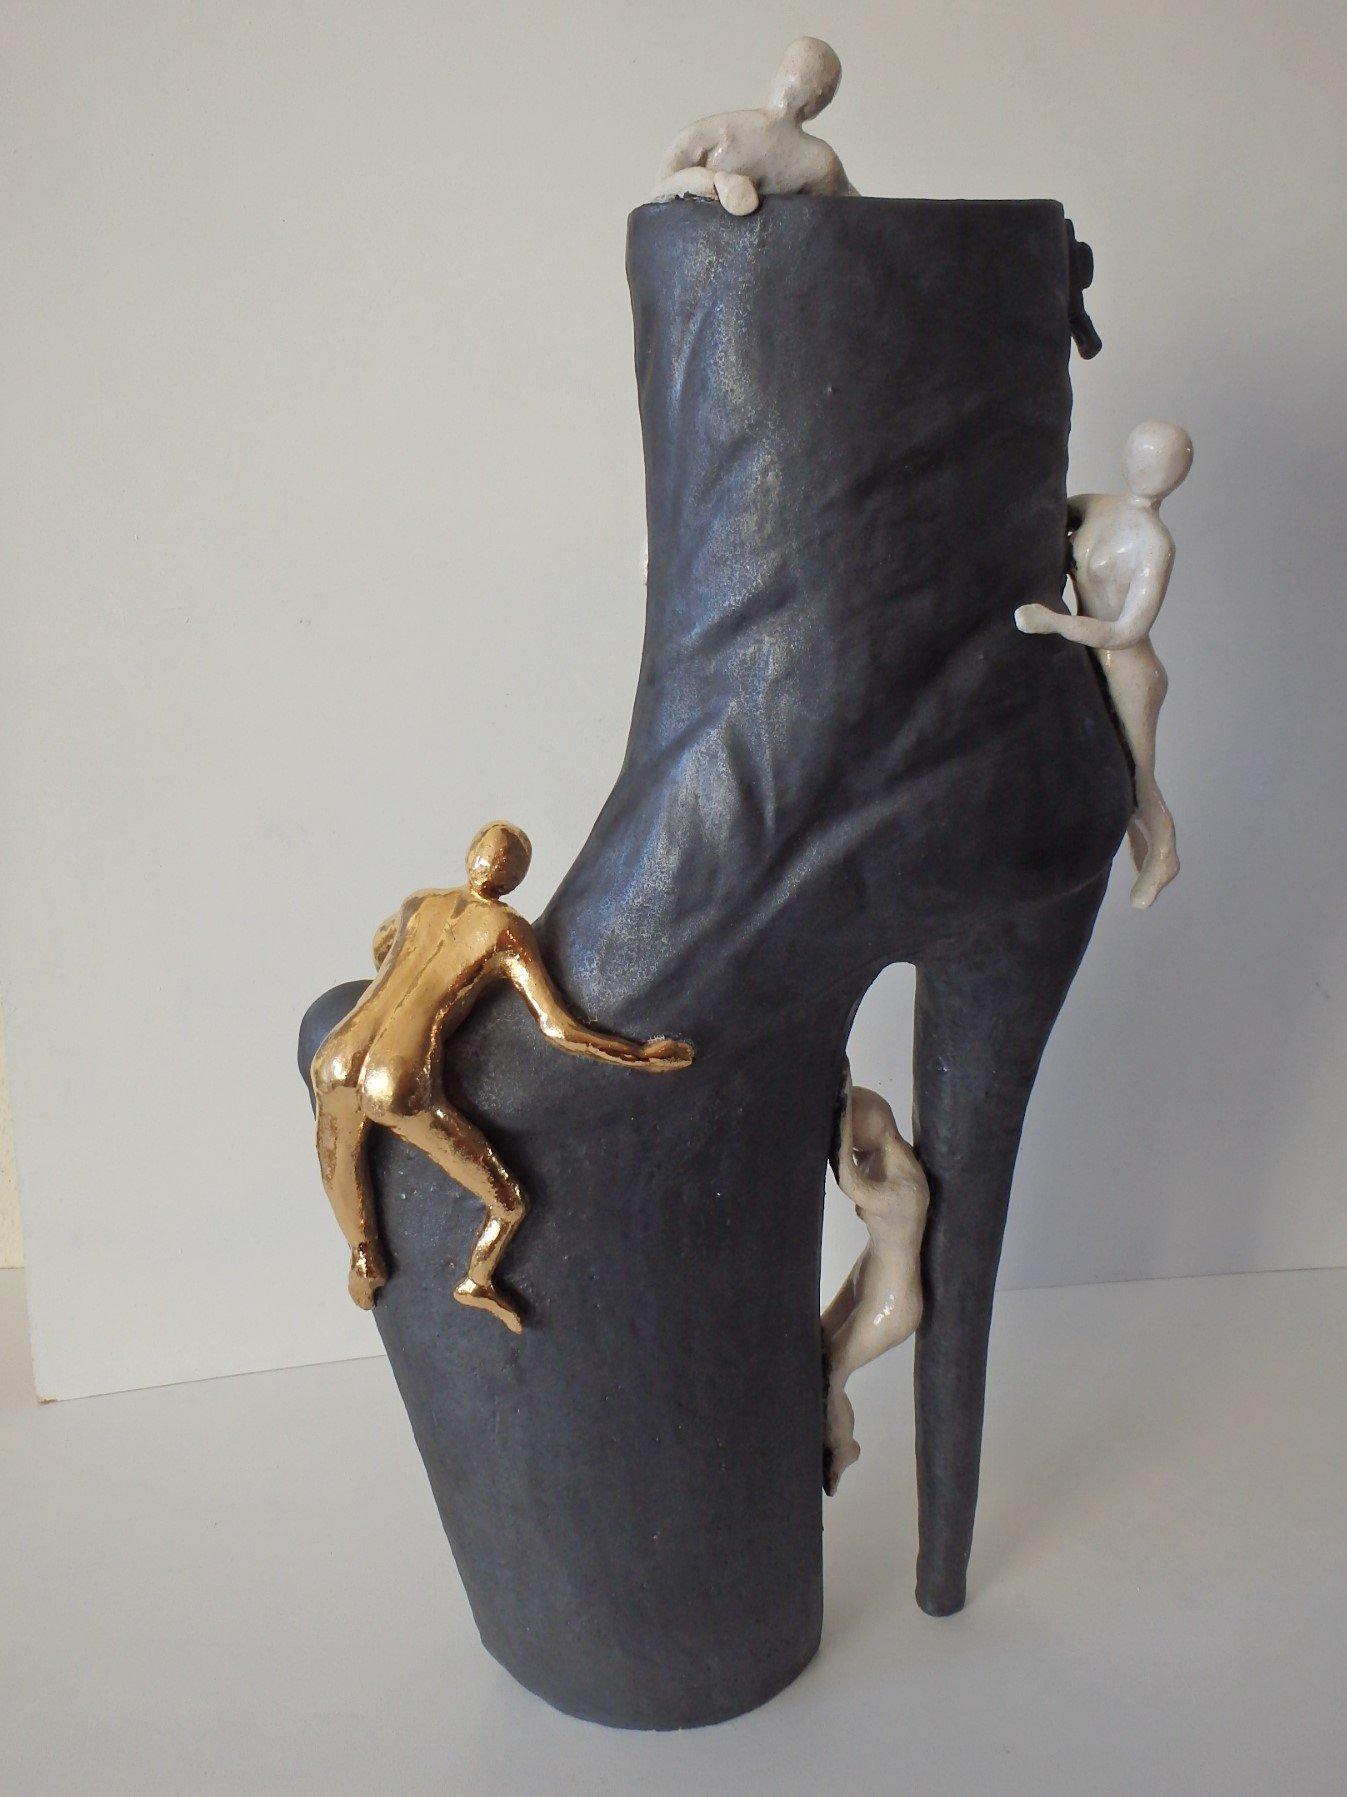 Artist Sabine Gleser